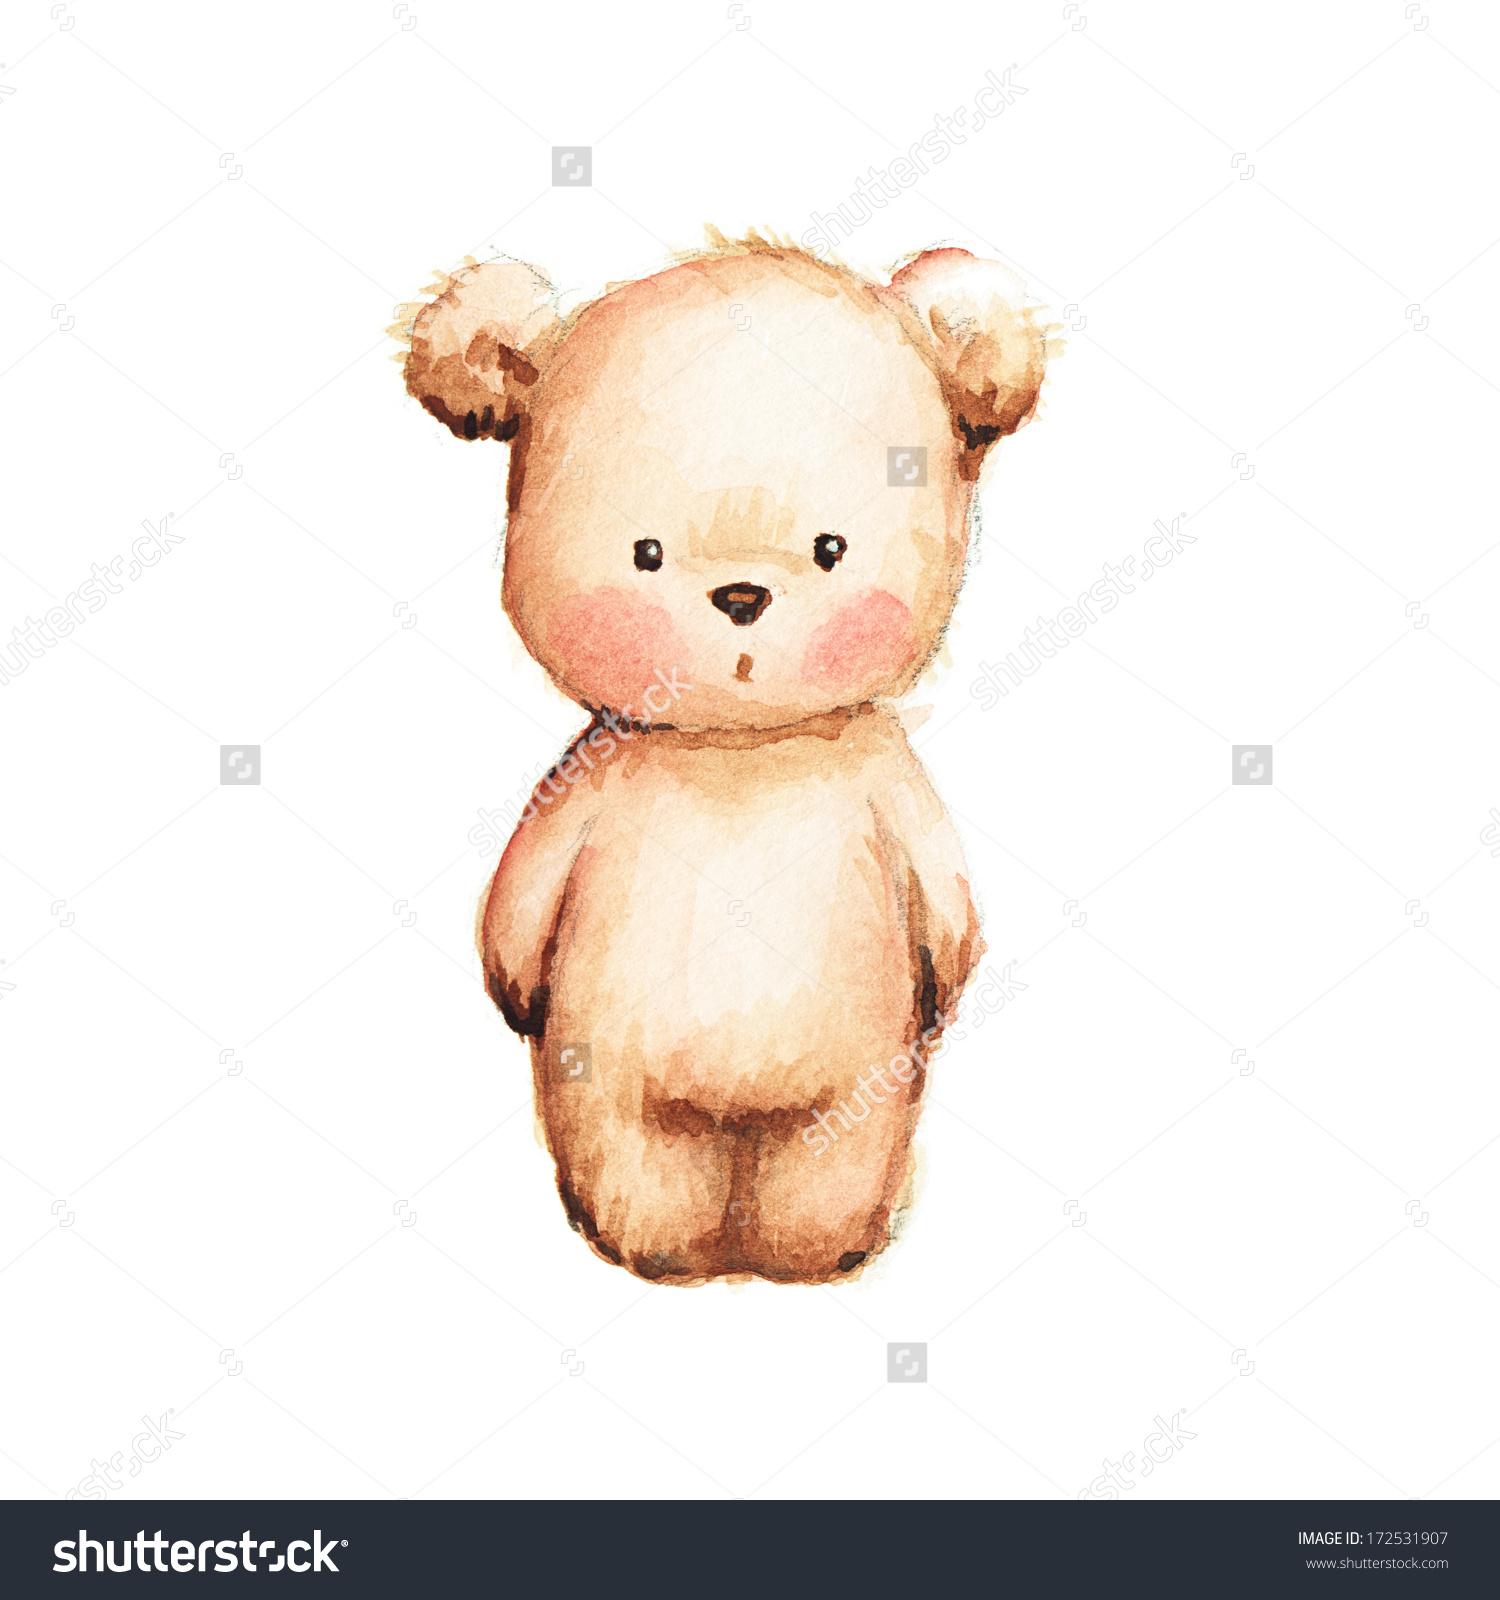 1500x1600 Pencil Drawing Of A Cute Teddy Bear Cute Teddy Bears Drawings